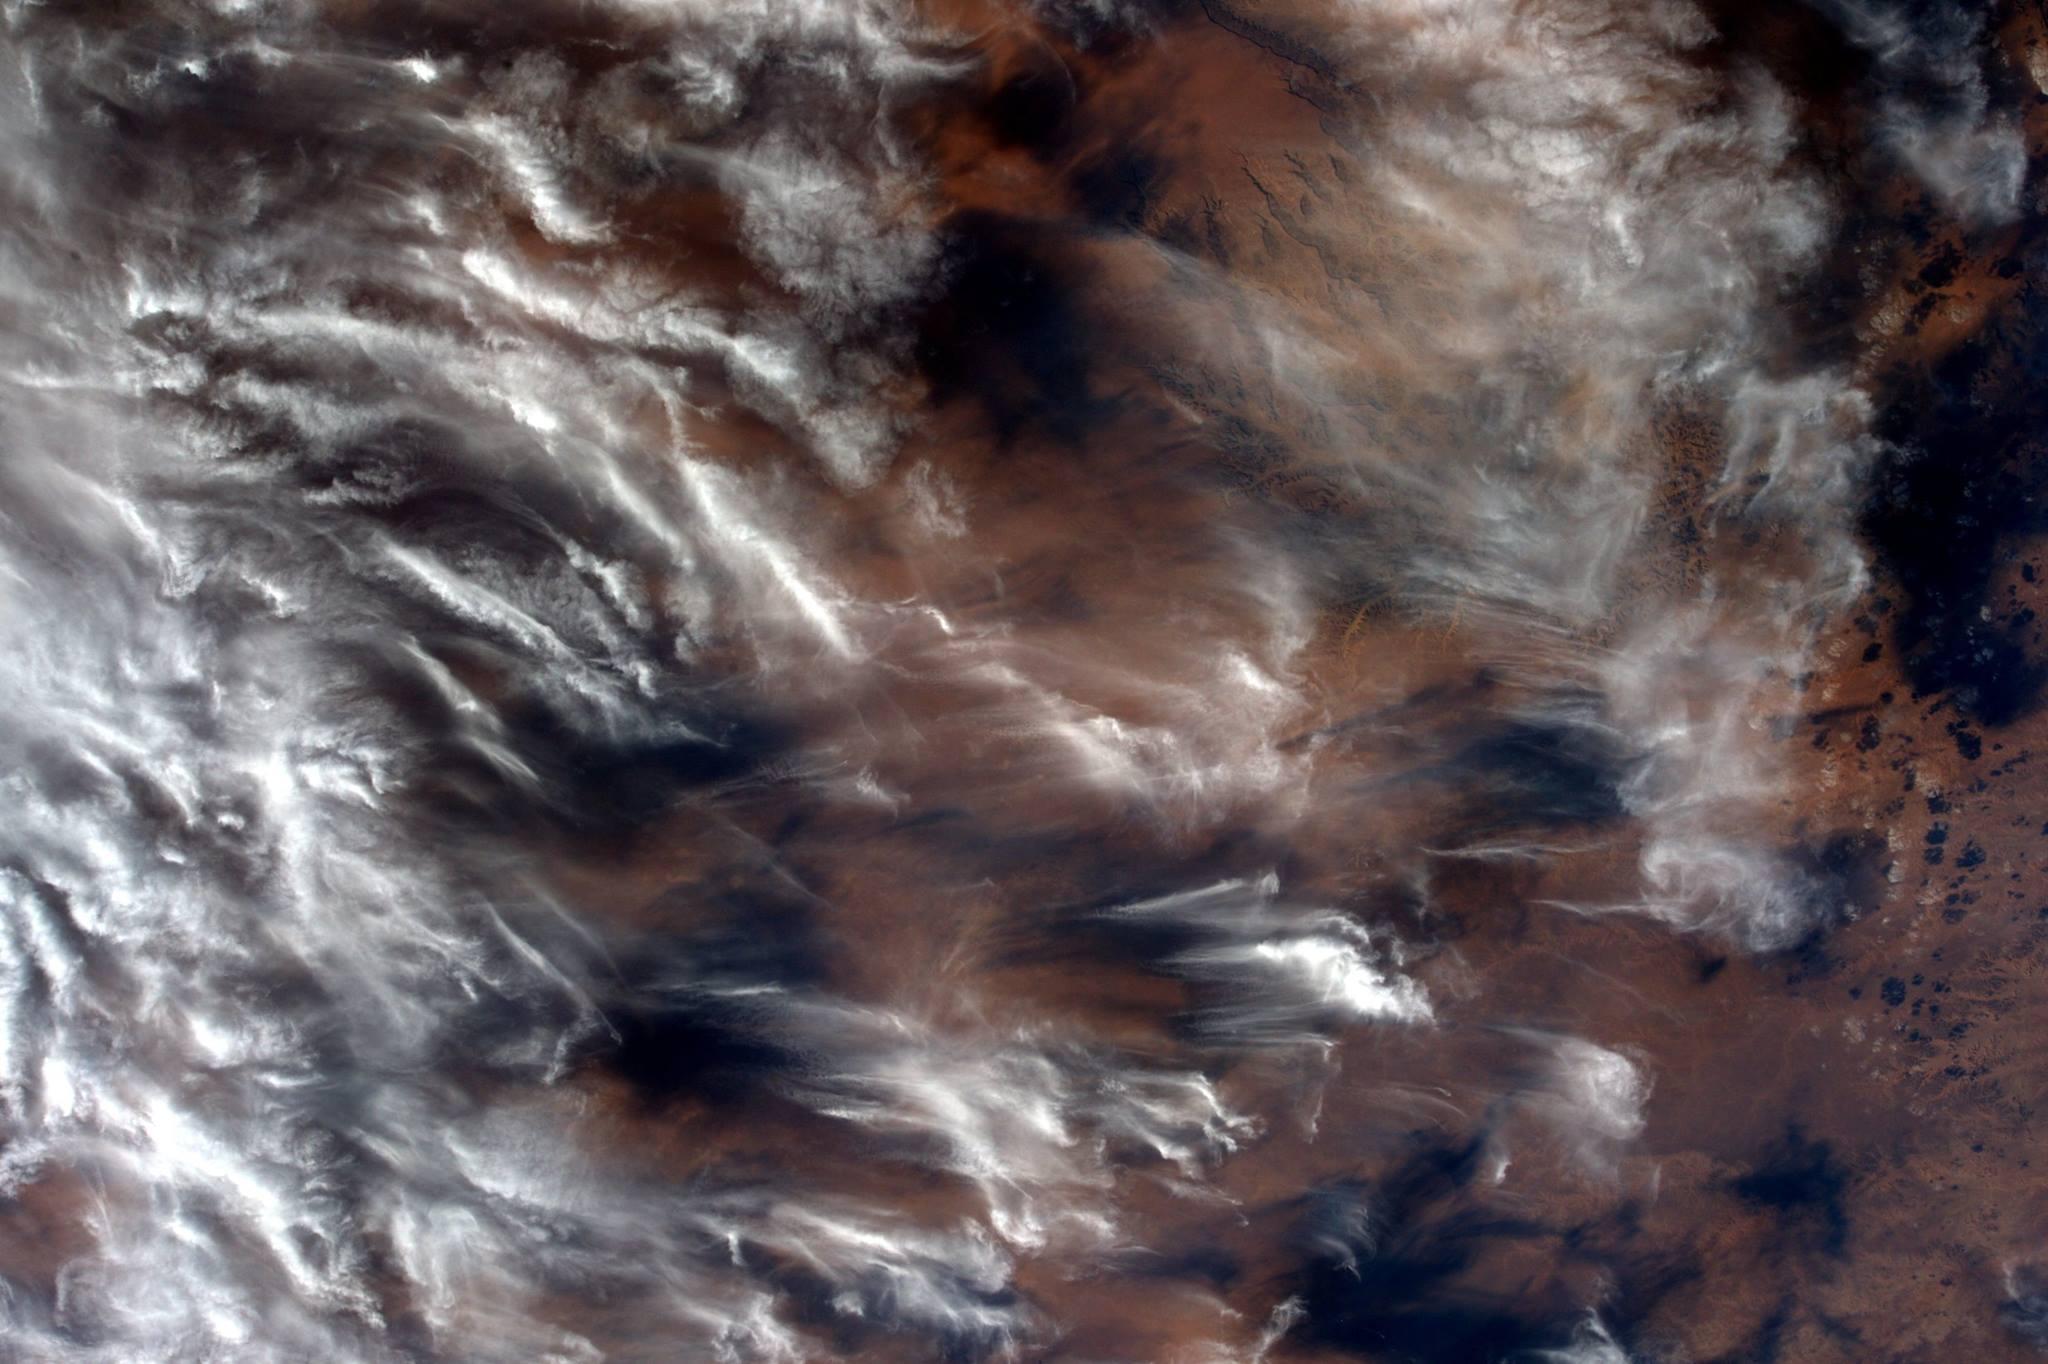 samantha-cristoforetti-sud-america-dallo-spazio